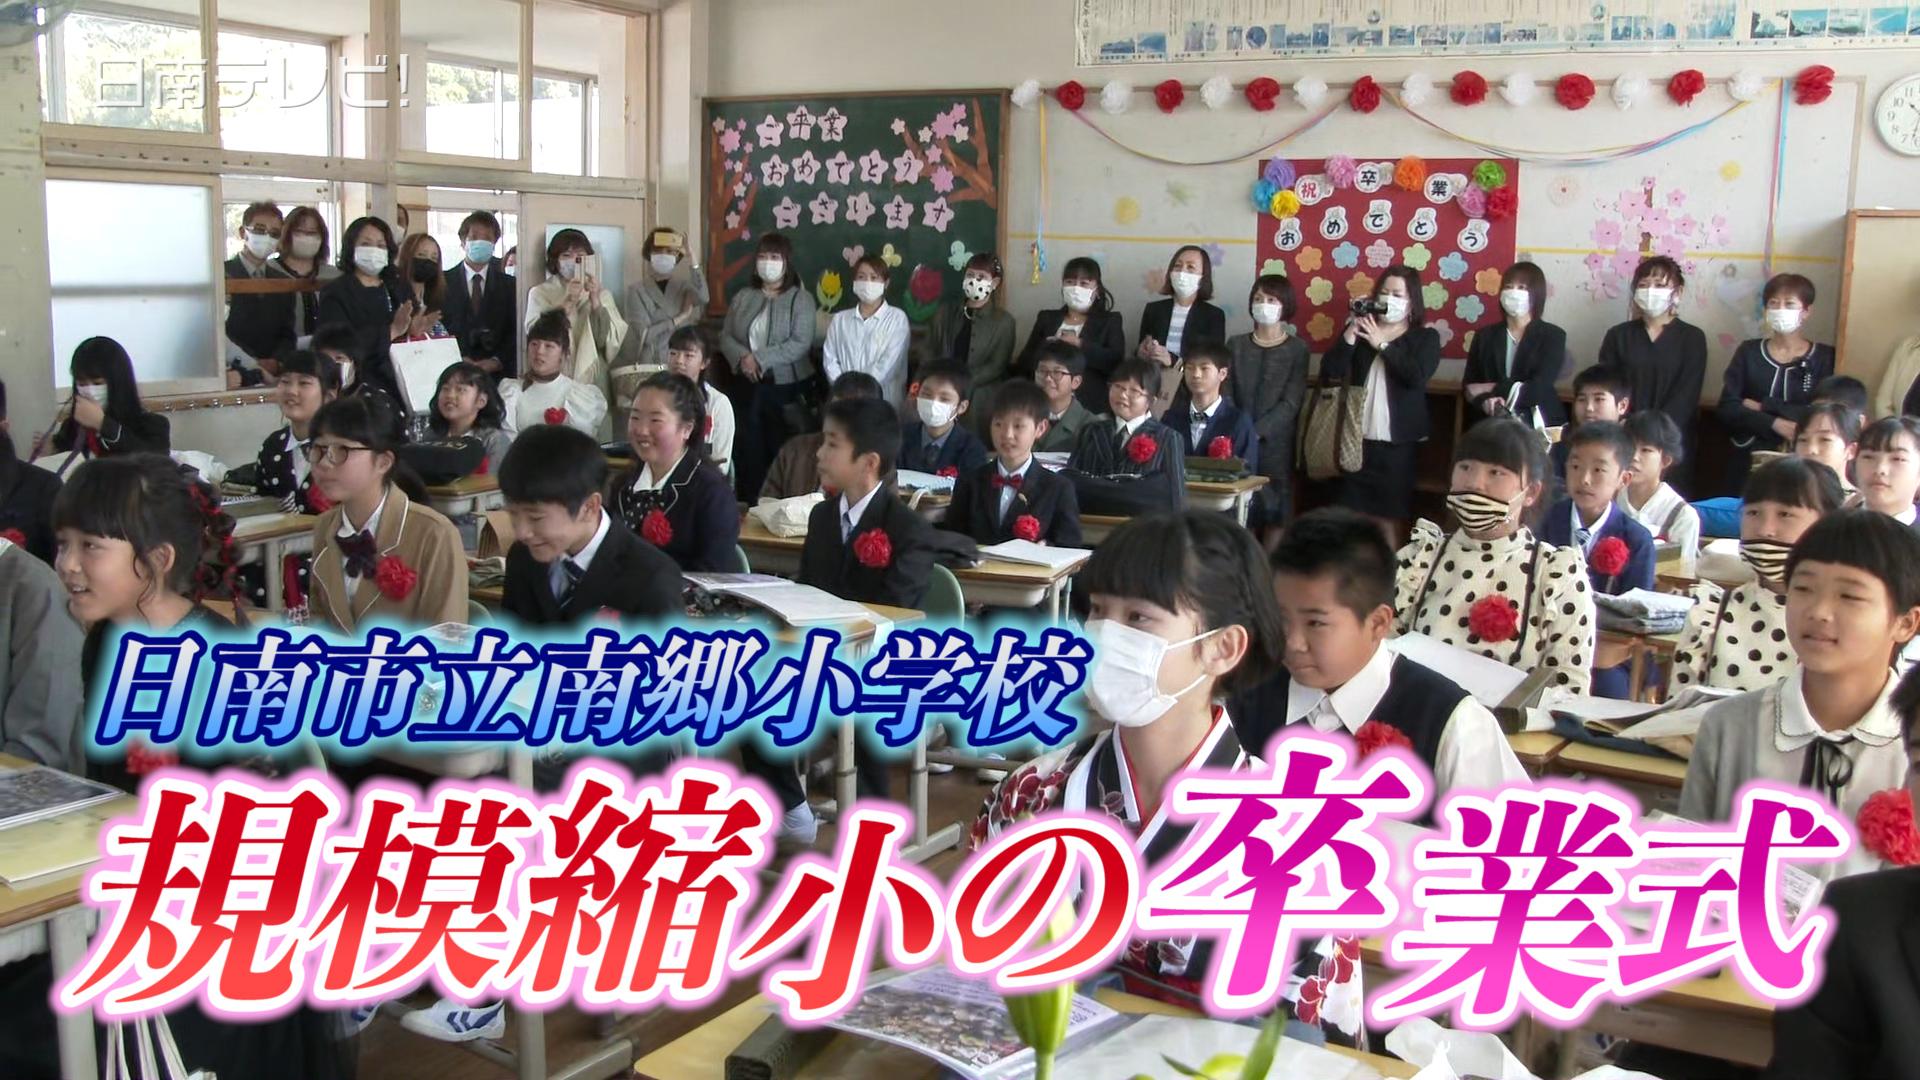 南郷小学校 規模縮小の卒業式 | 日南テレビ!(公式)